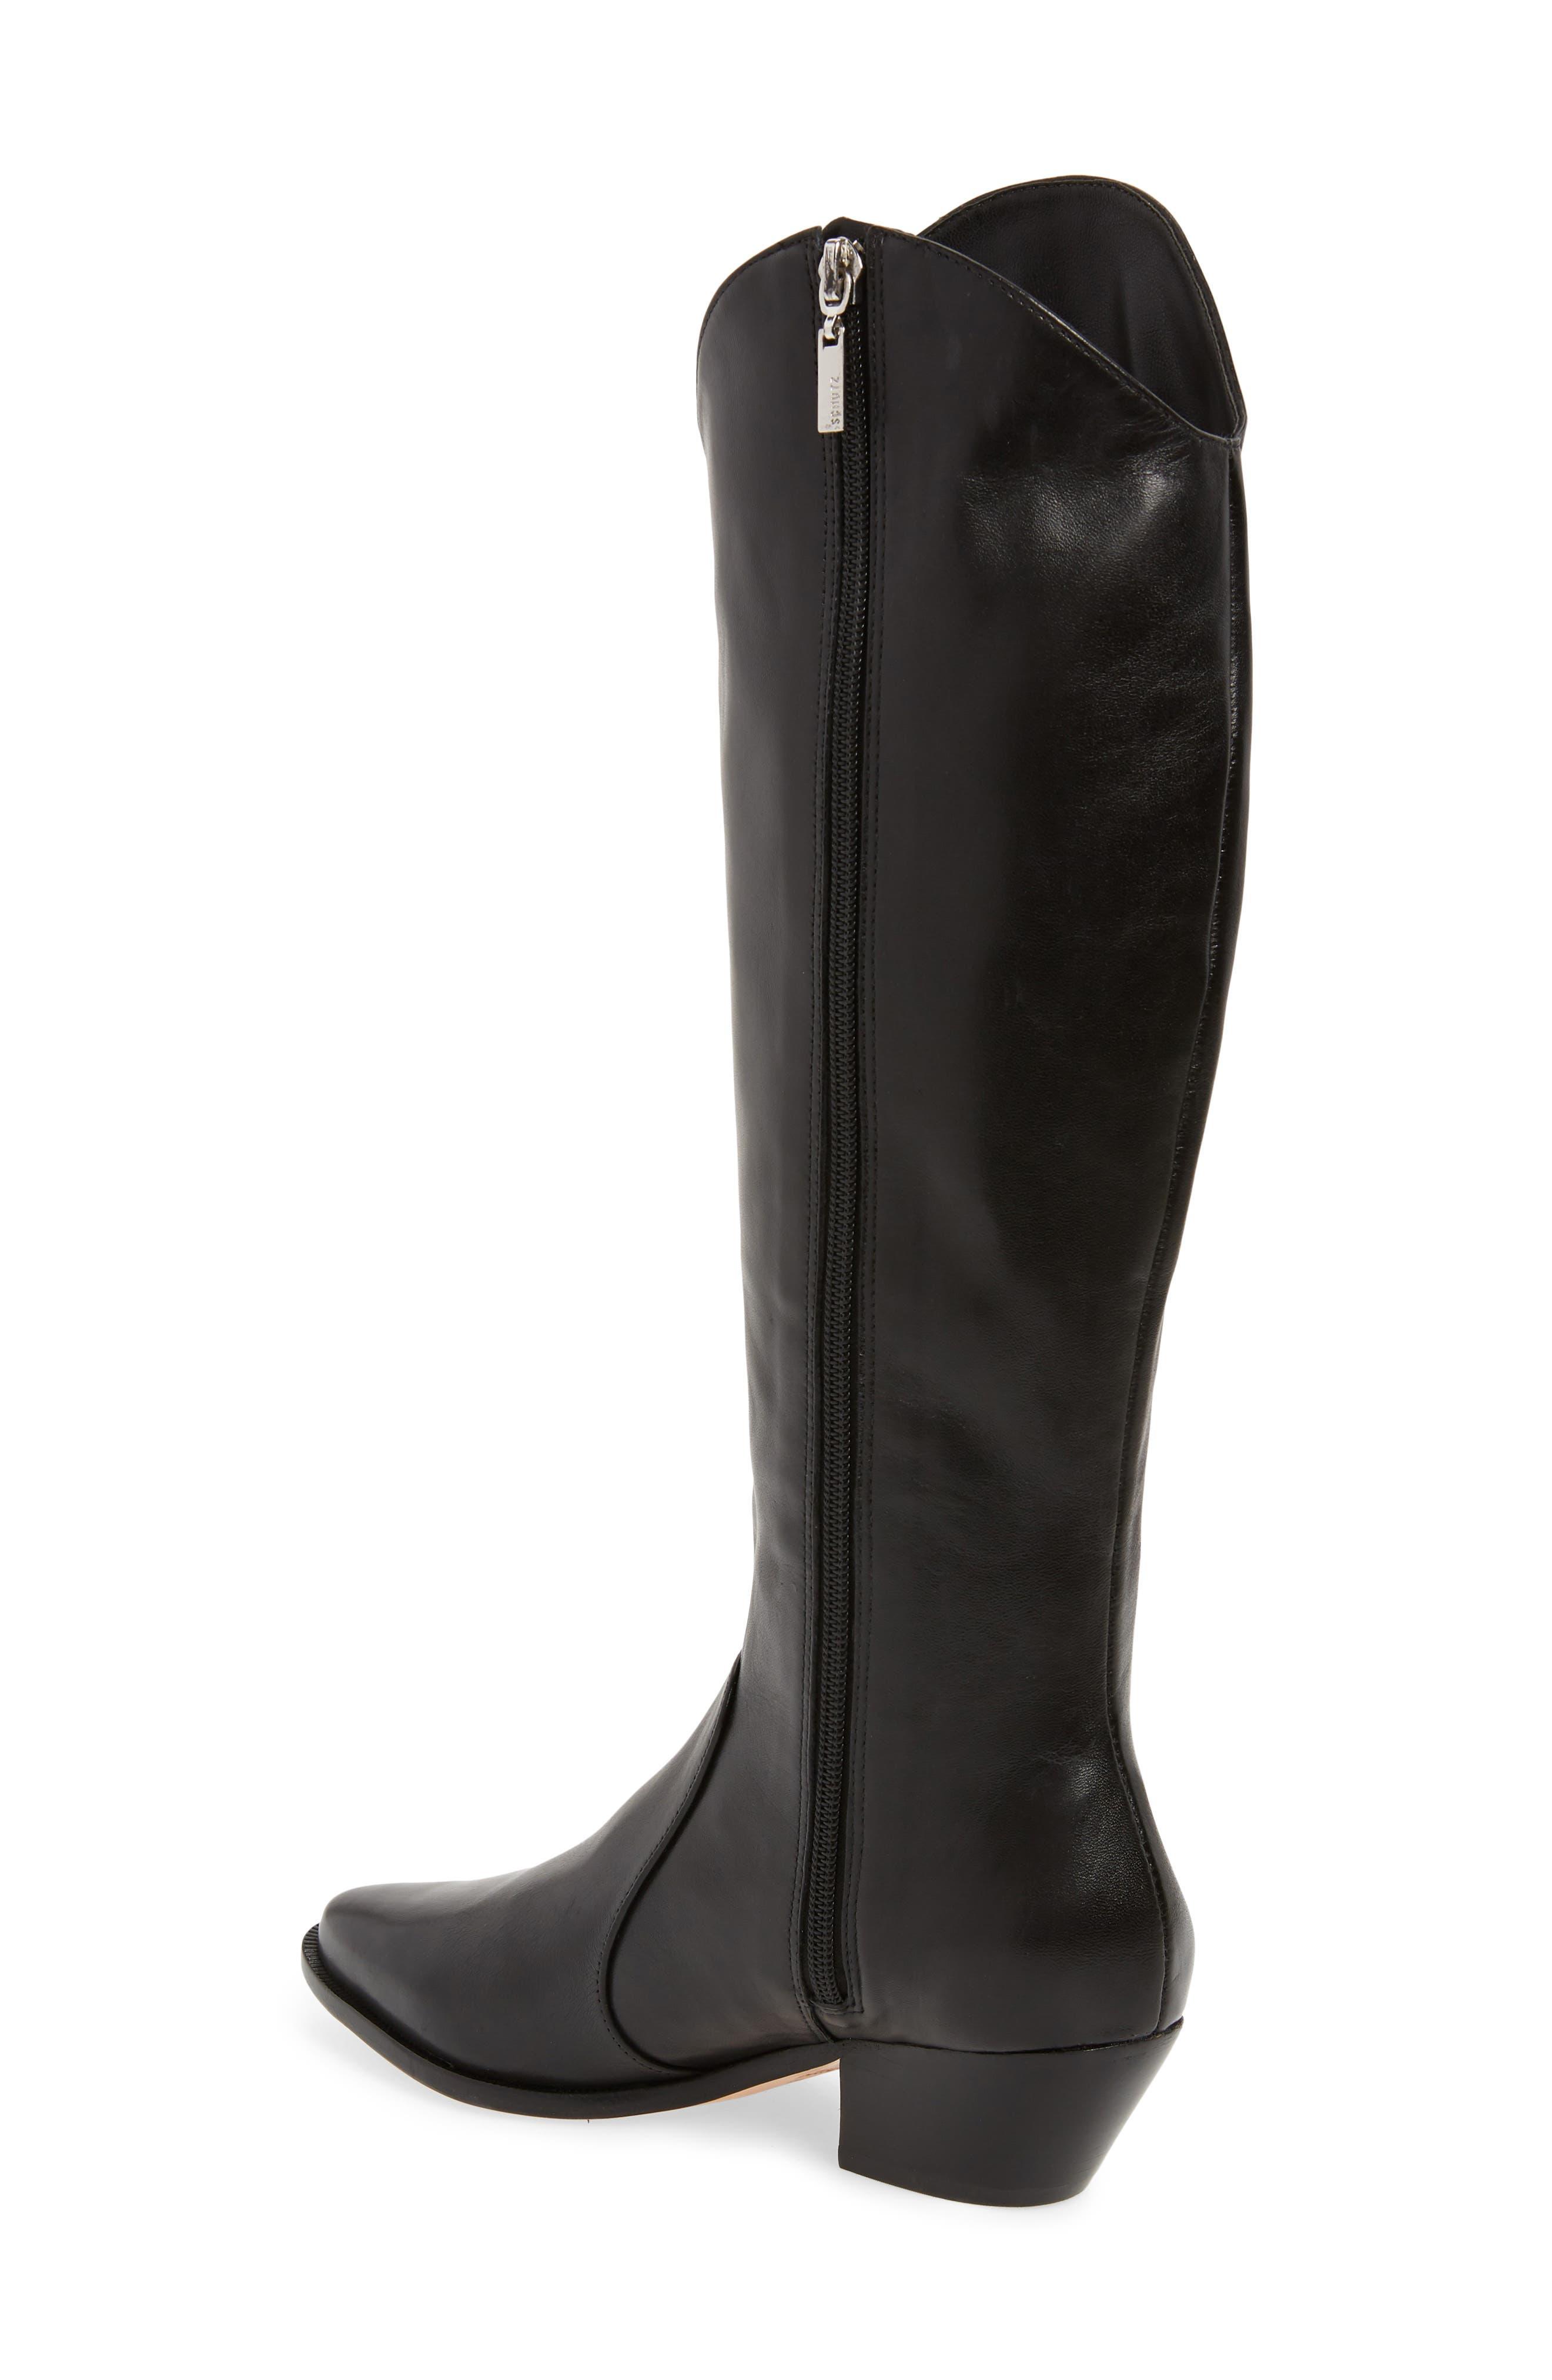 Fantinne Knee High Boot,                             Alternate thumbnail 2, color,                             BLACK LEATHER